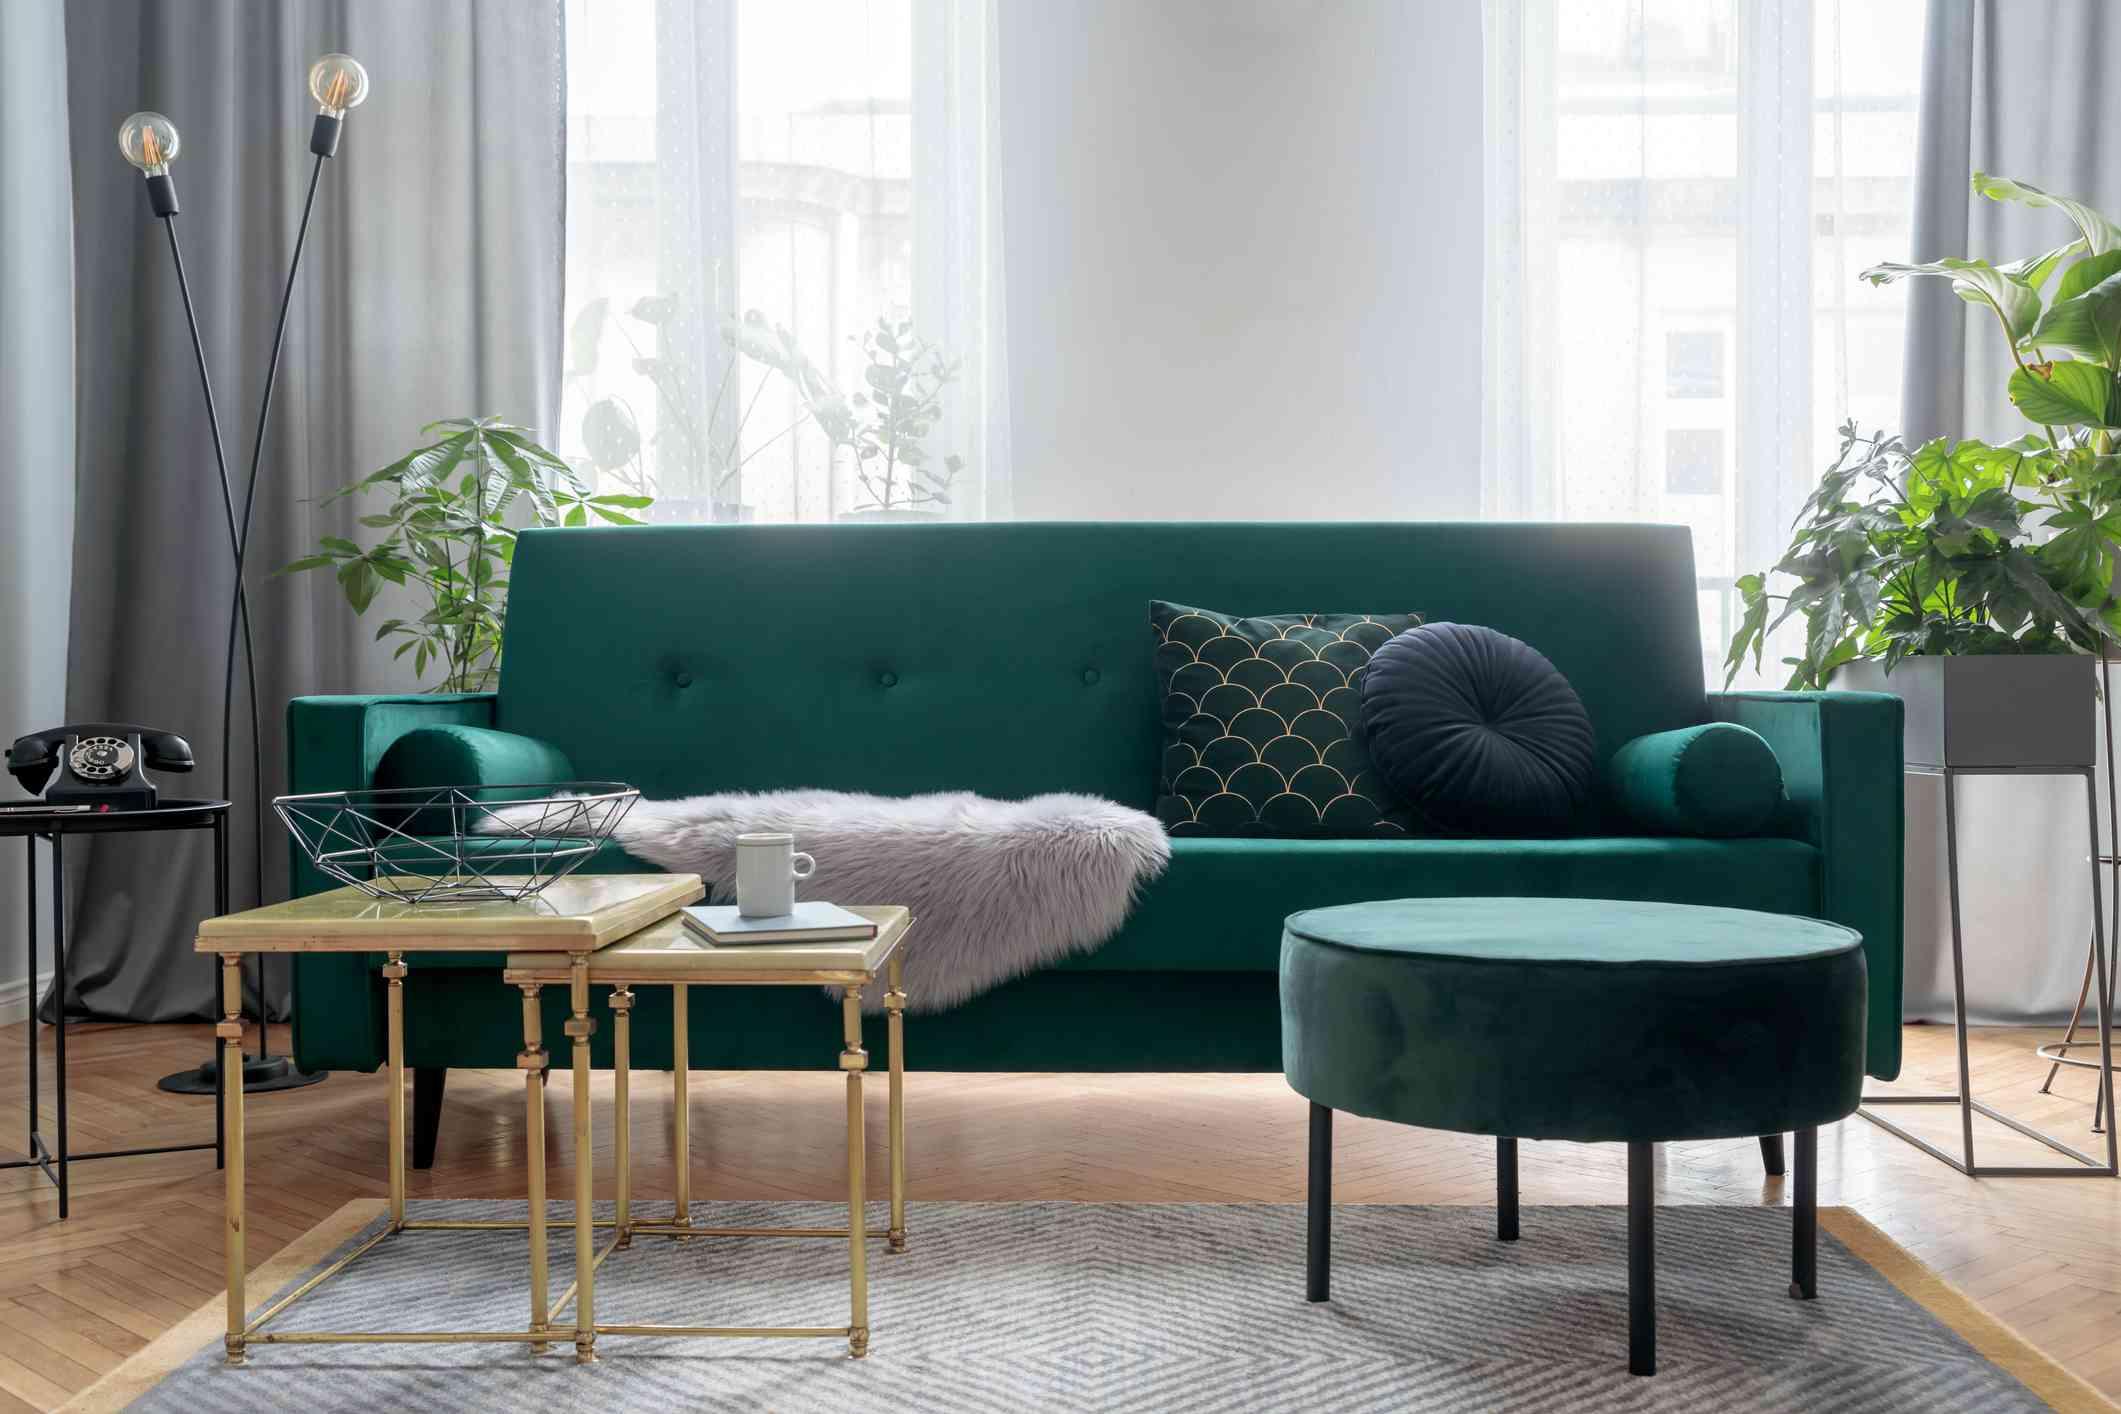 sofá verde en la sala de estar con una alfombra  , flores frescas en un jarrón sobre una mesa en la sala de estar